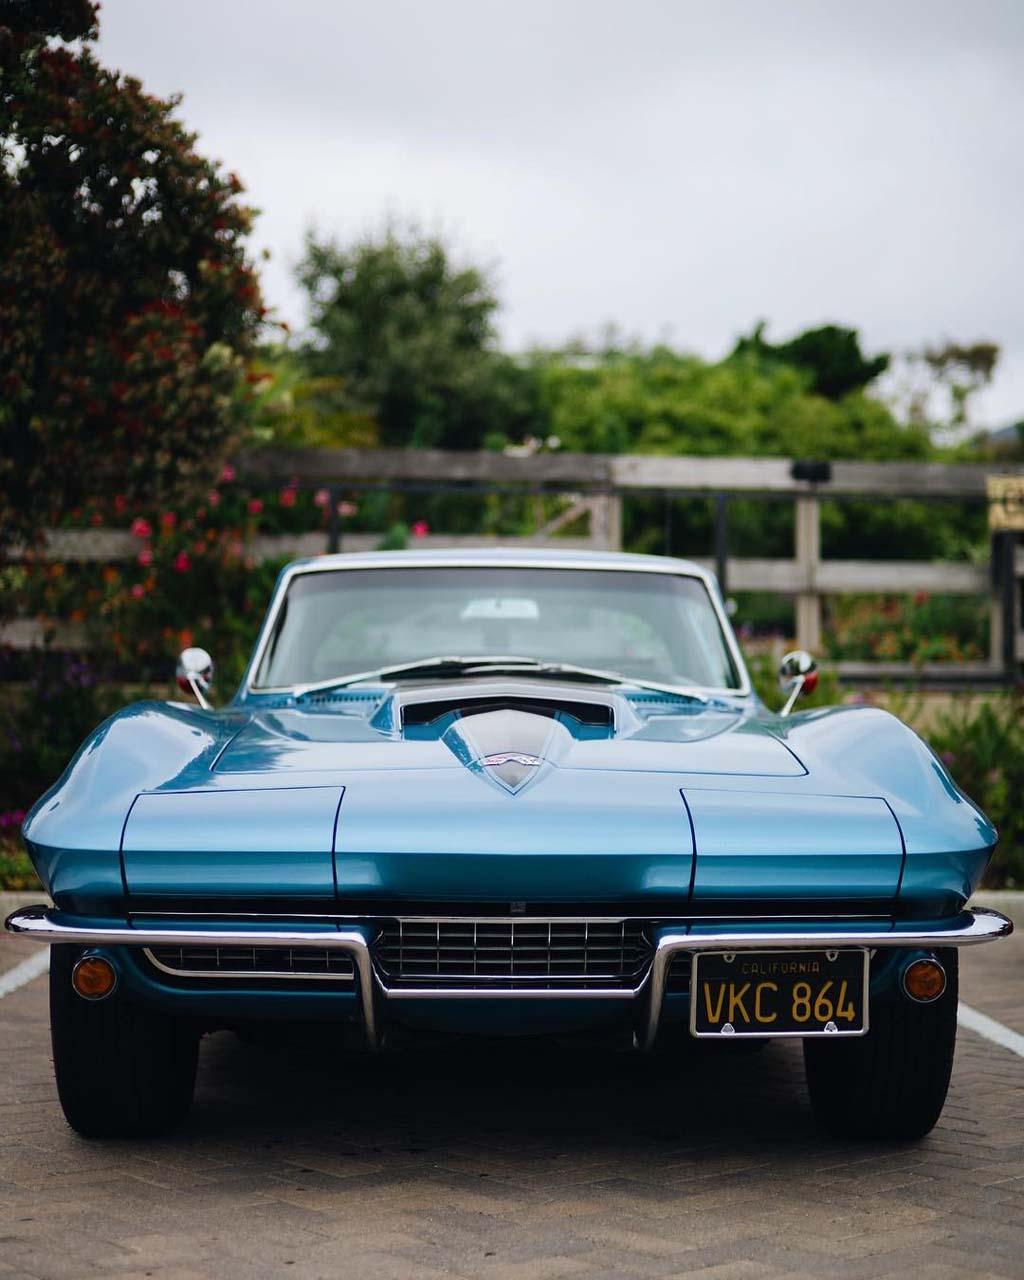 Van Bortel Chevrolet >> [GALLERY] Midyear Monday! (46 Corvette photos) - Corvette: Sales, News & Lifestyle